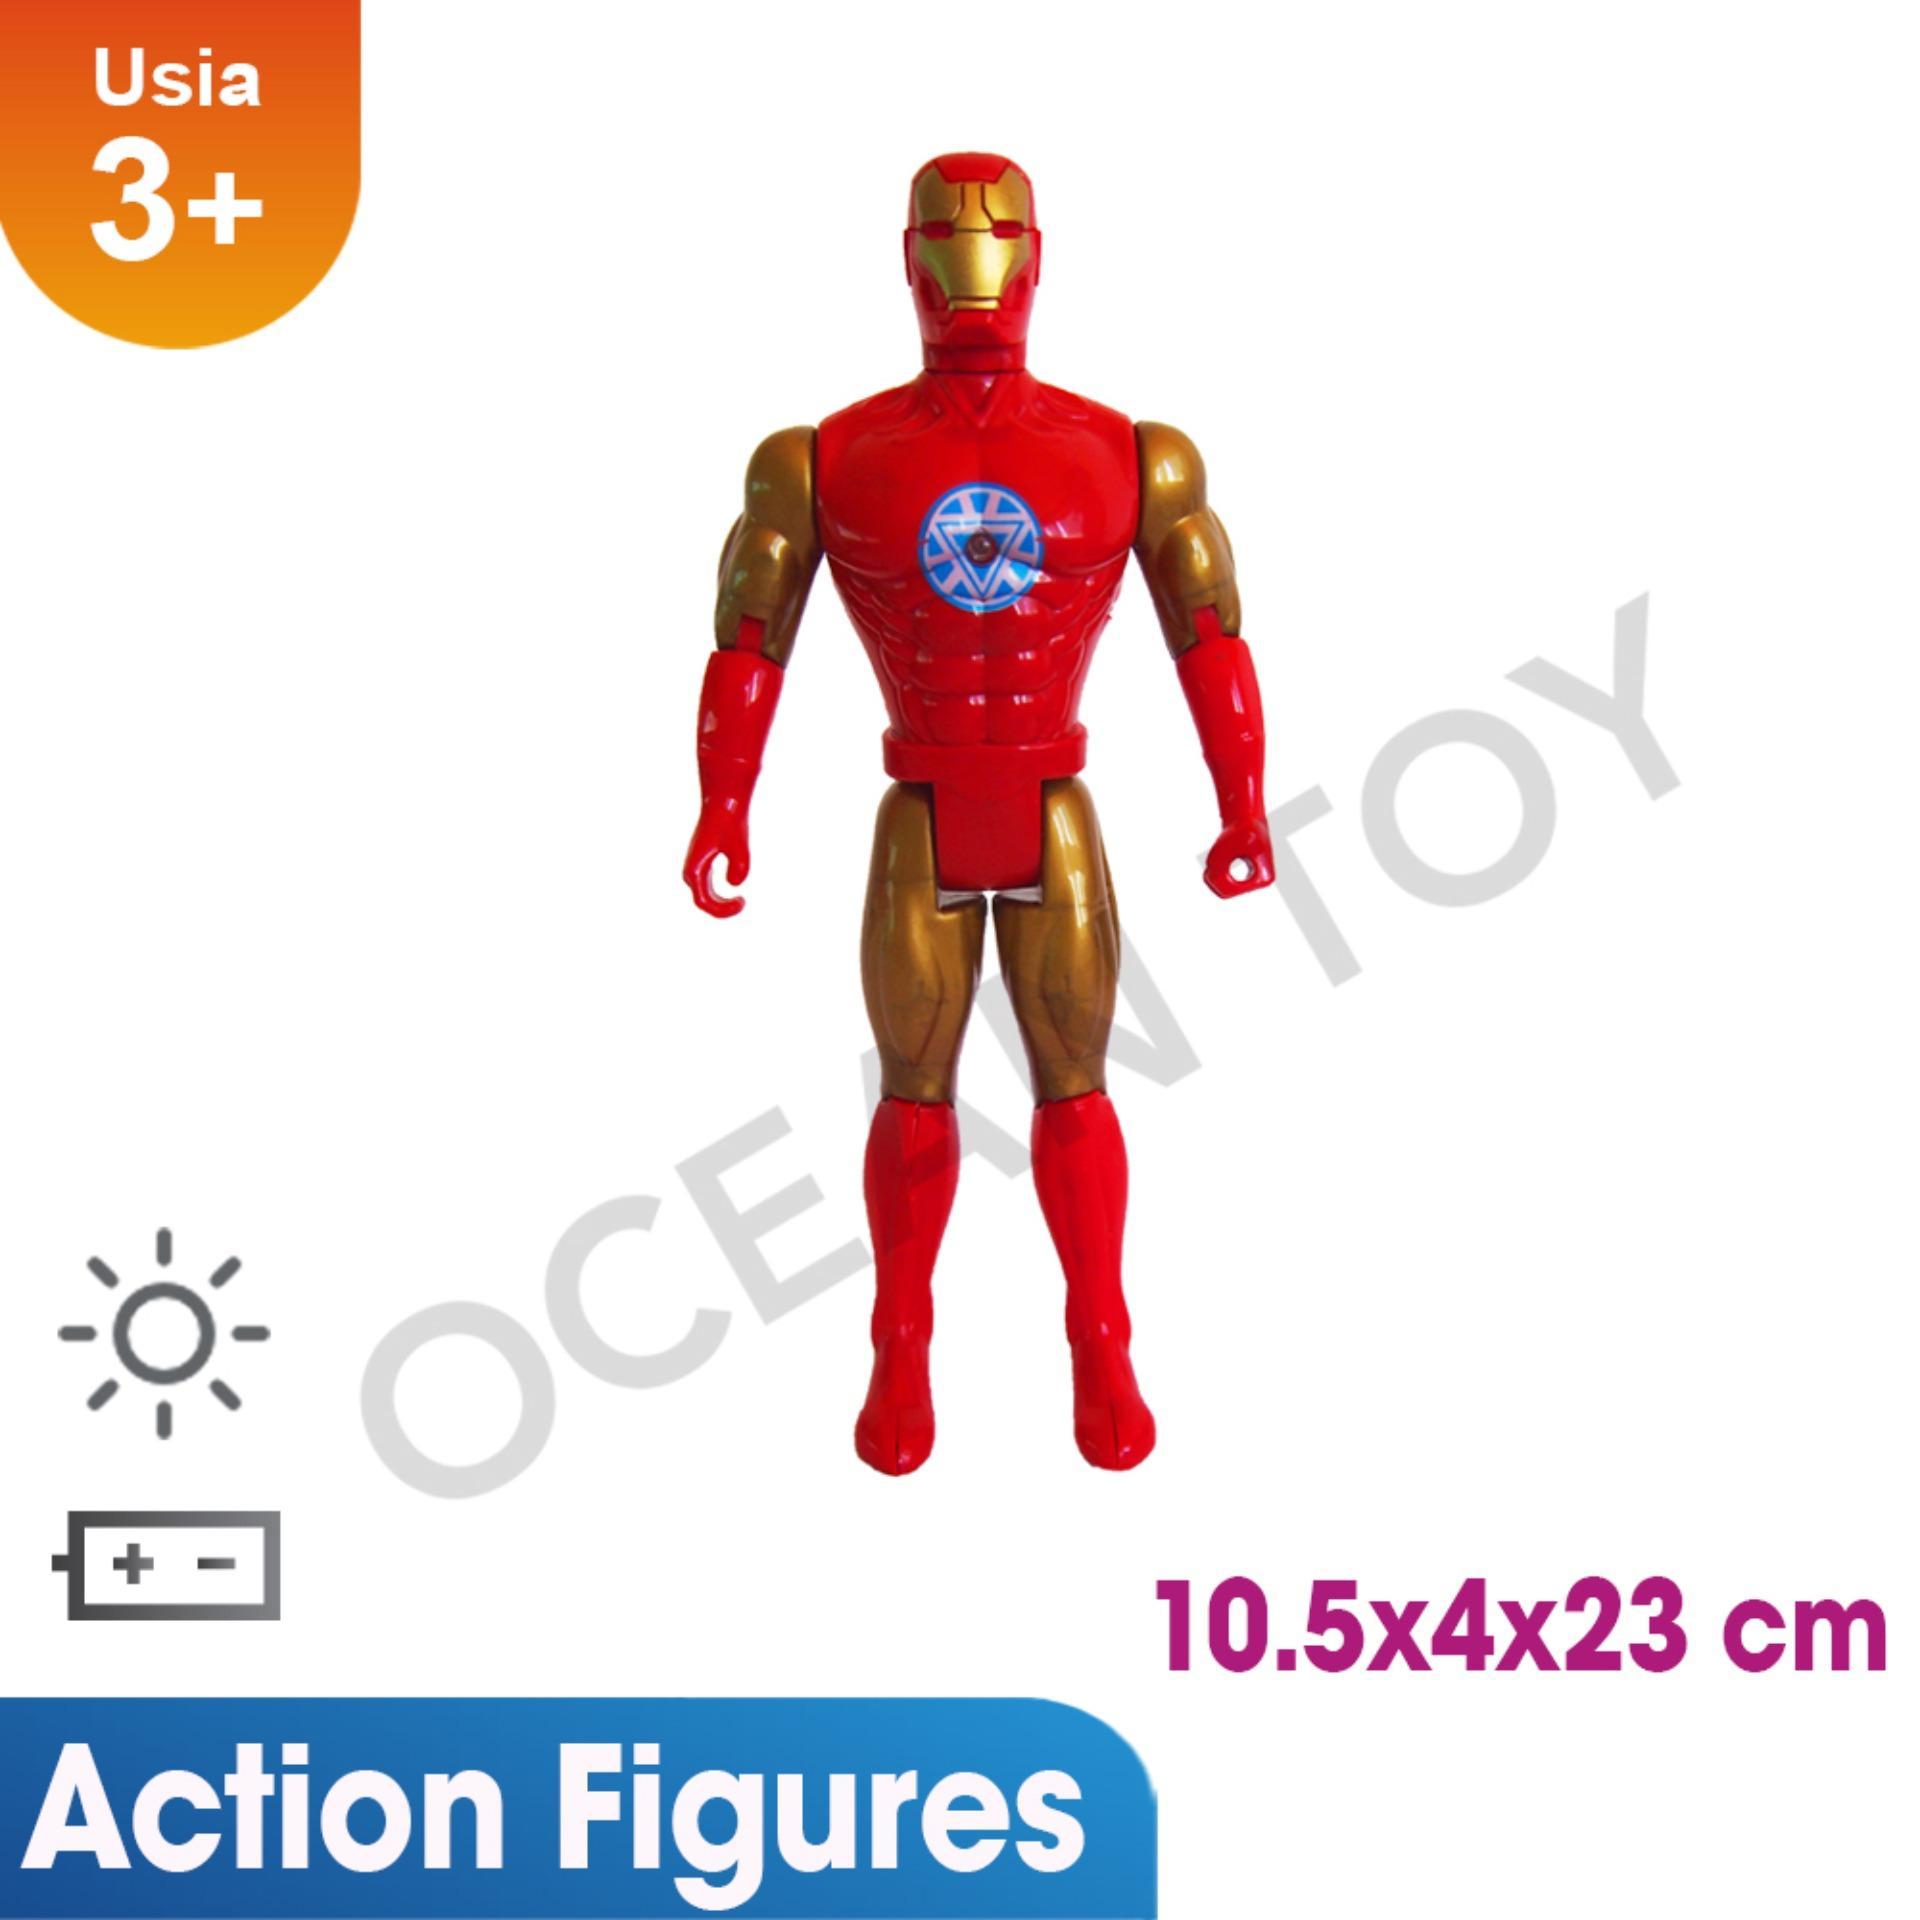 Mainan Action Figure Keren Avengers Bisa Menyala Lazada Birthday Special Promo Murah